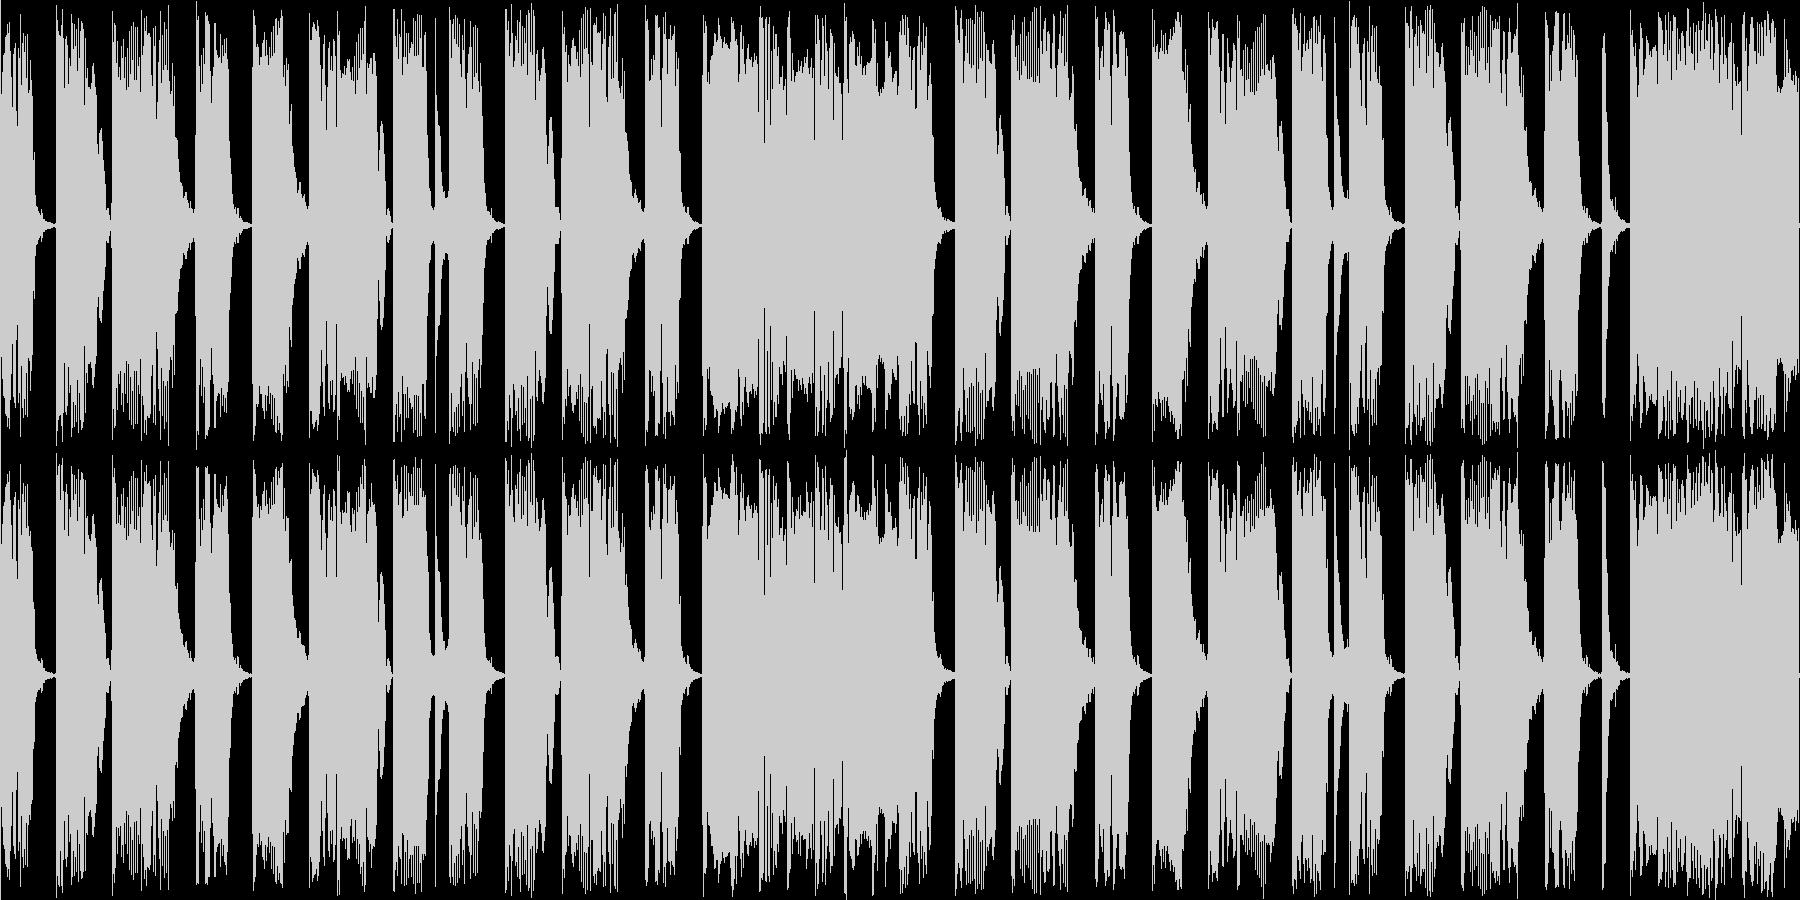 ゲームのBGM用に作曲したコミカルなル…の未再生の波形